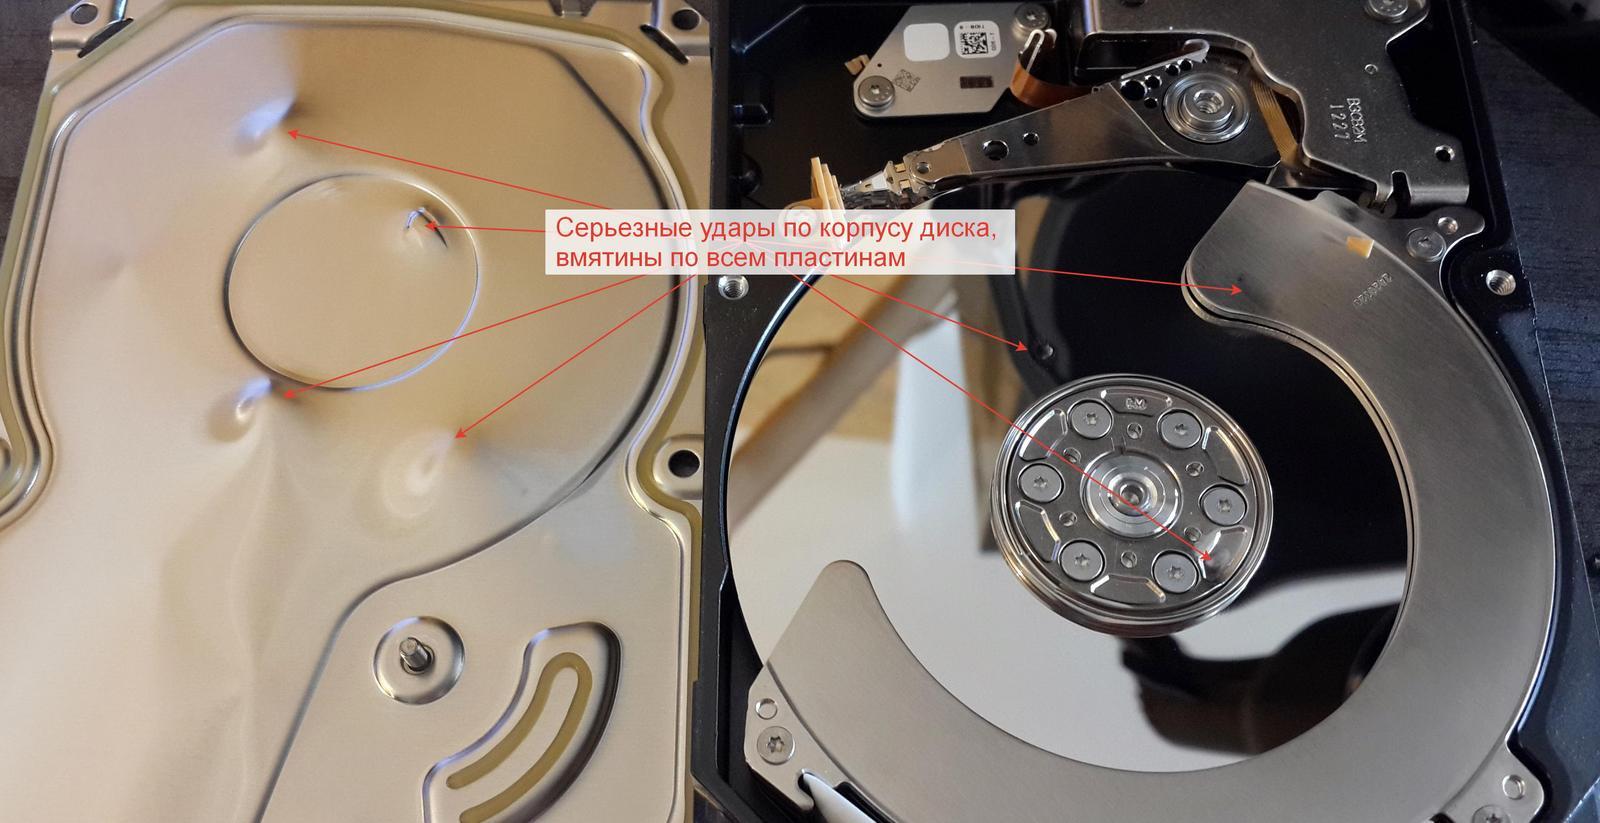 Как отремонтировать жесткий диск после падения